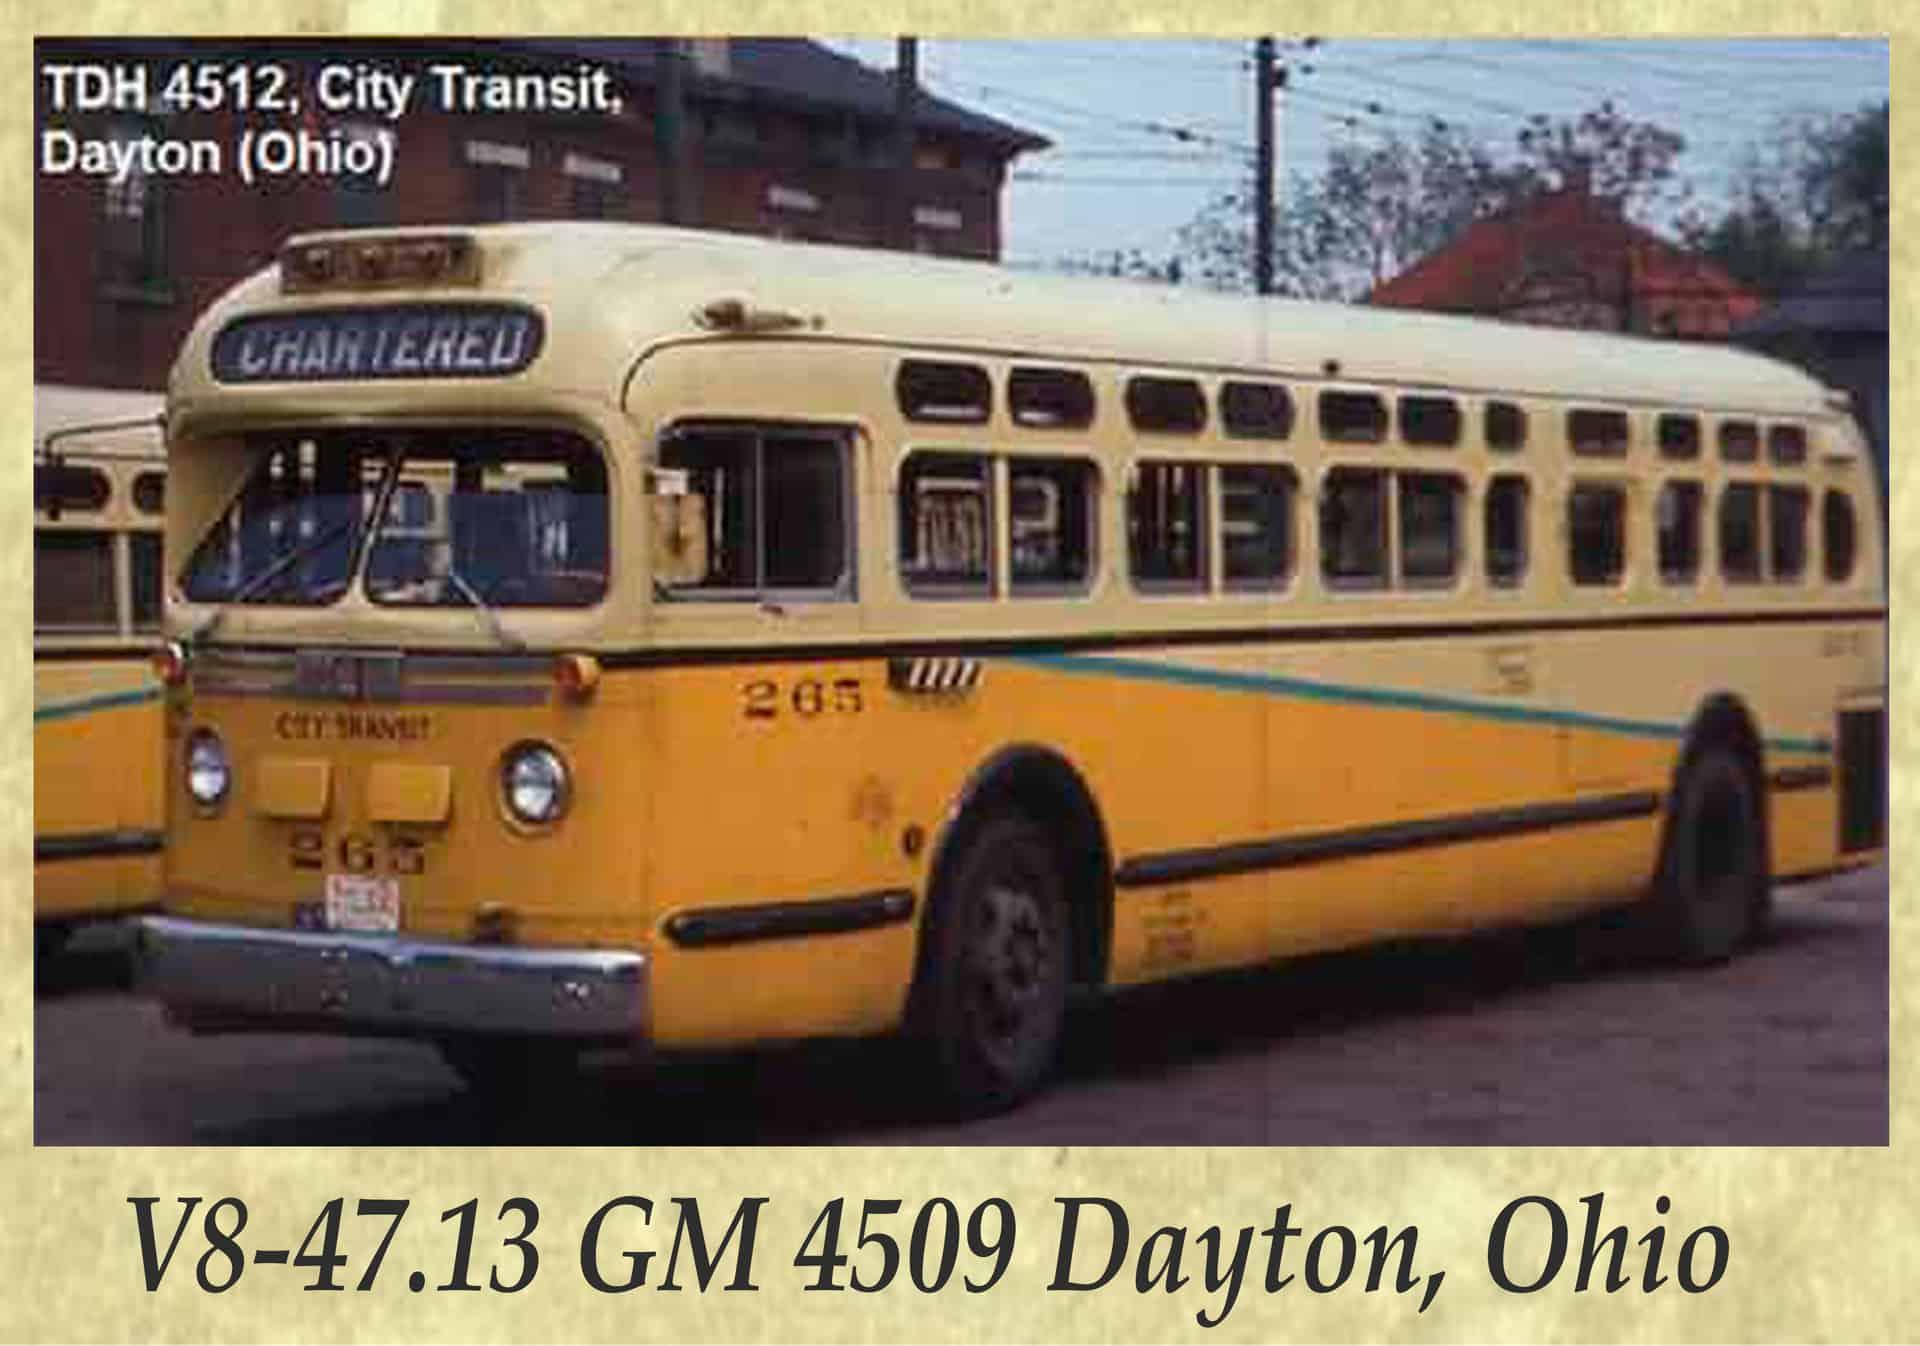 V8-47.13 GM 4509 Dayton, Ohio